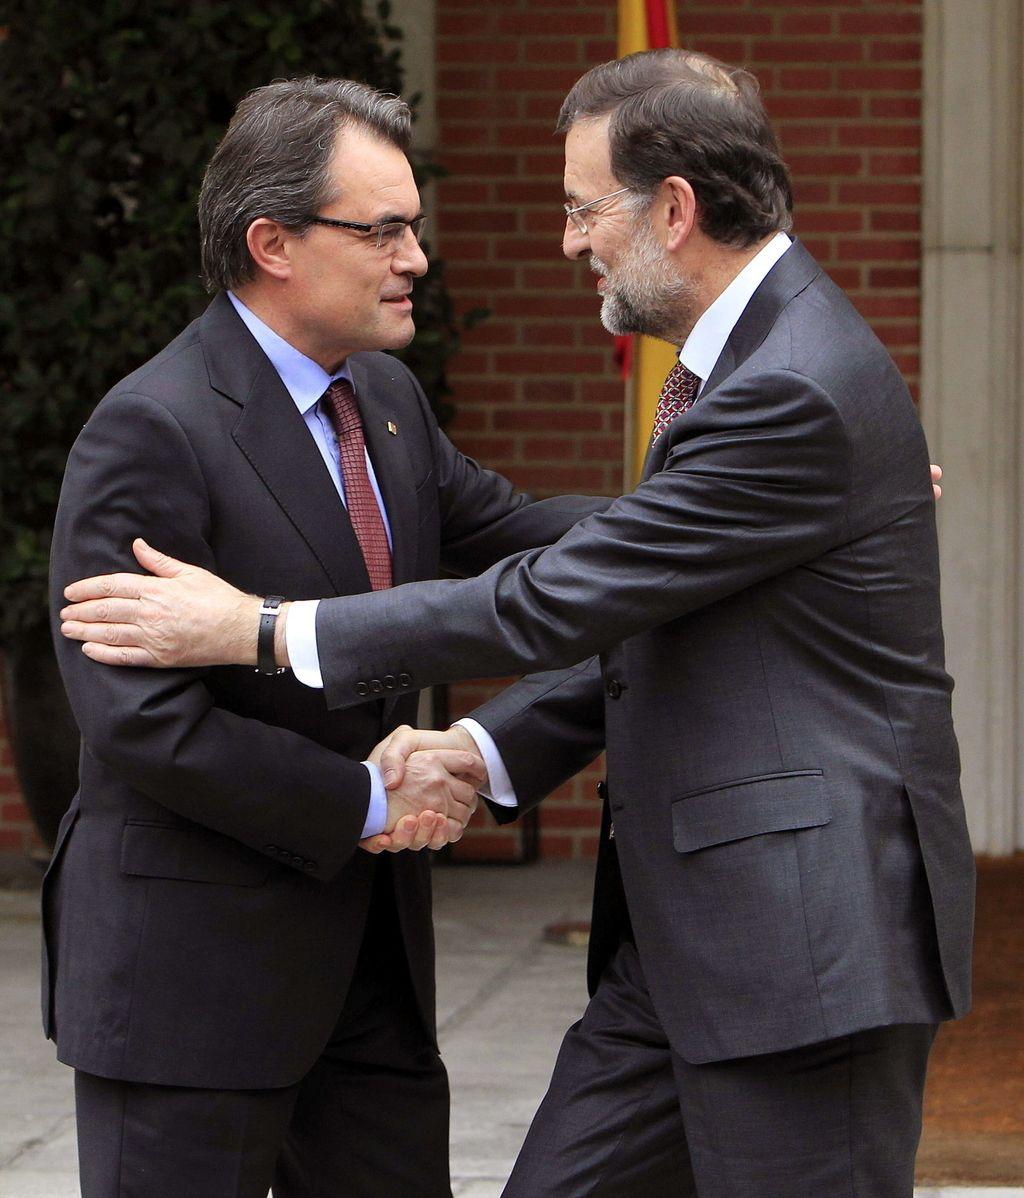 El presidente del Gobierno Mariano Rajoy saluda al presidente de la Generalitat Artur Mas